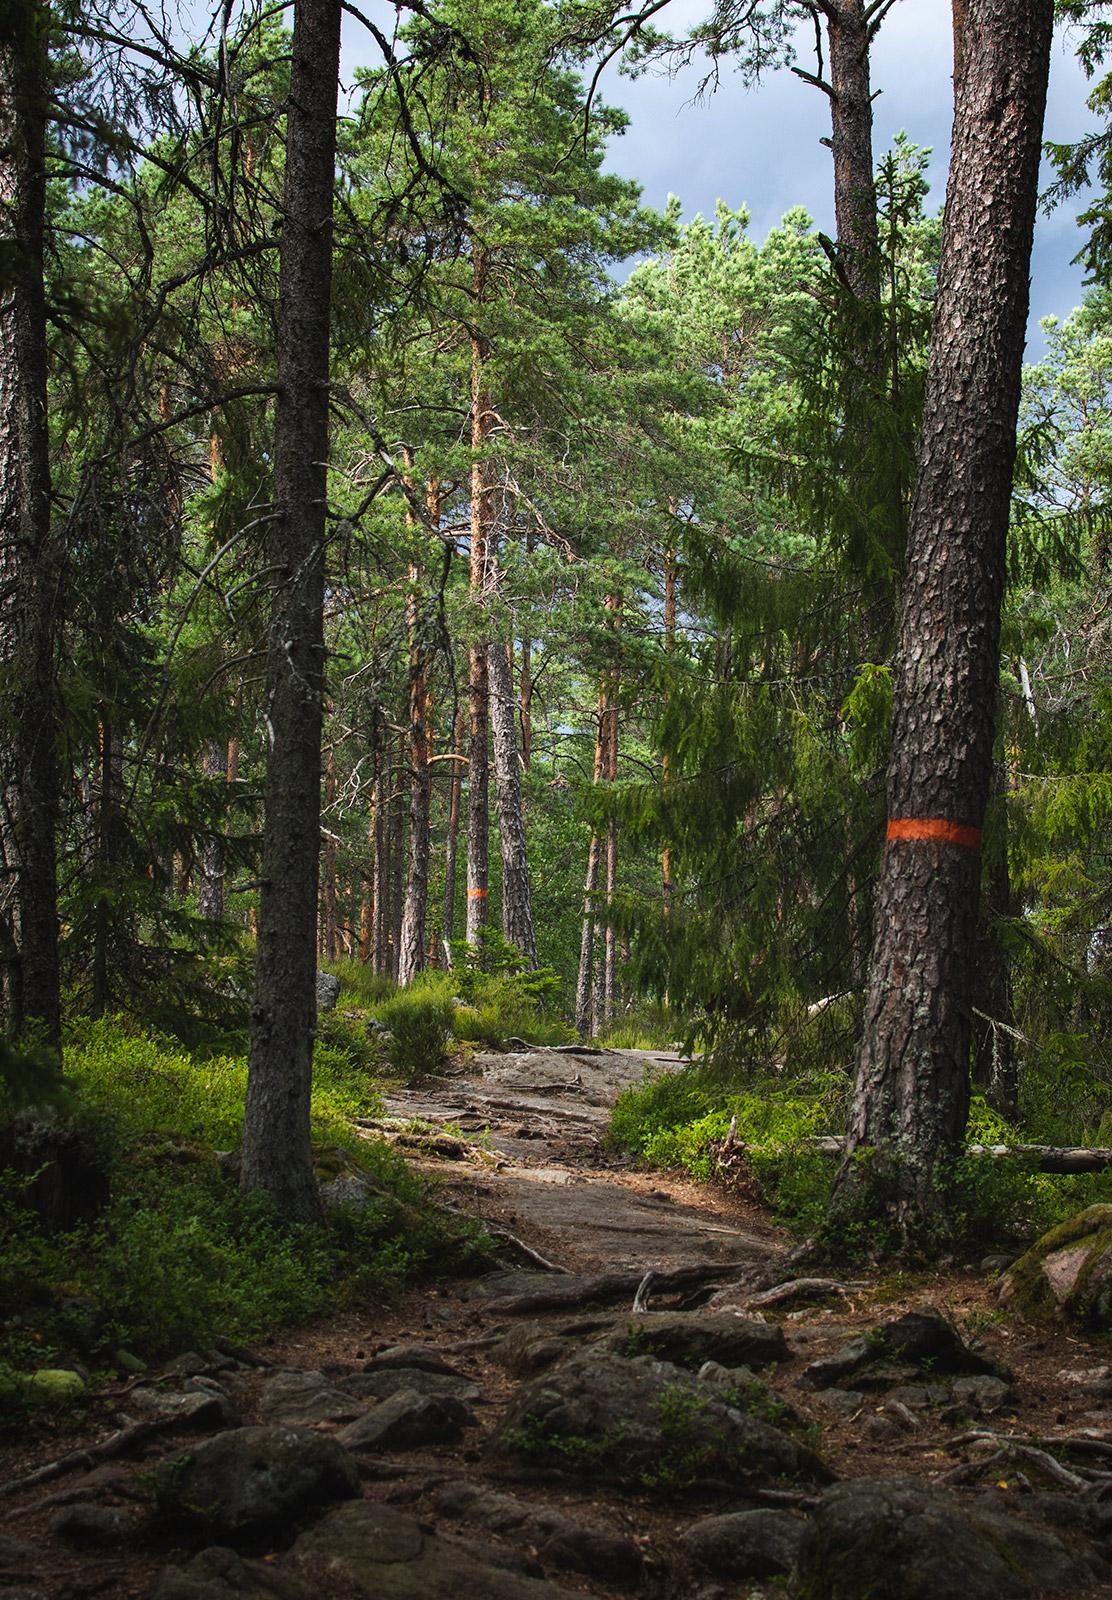 Shady forest trail